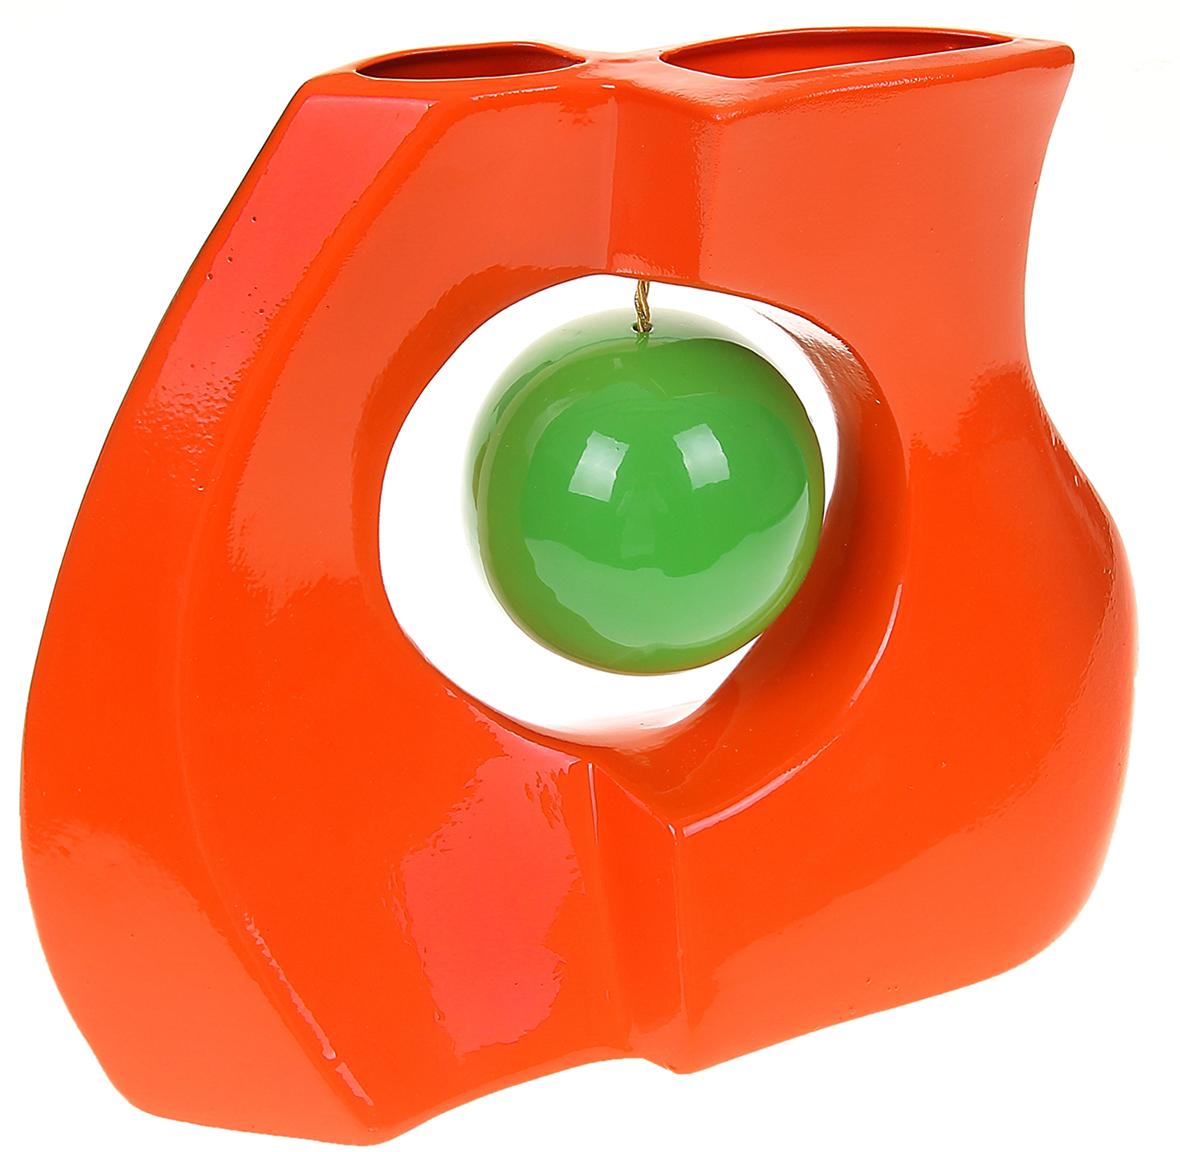 Ваза Керамика ручной работы Принцип, цвет: оранжевый1067017Ваза - сувенир в полном смысле этого слова. И главная его задача - хранить воспоминание о месте, где вы побывали, или о том человеке, который подарил данный предмет. Преподнесите эту вещь своему другу, и она станет достойным украшением его дома. Каждому хозяину периодически приходит мысль обновить свою квартиру, сделать ремонт, перестановку или кардинально поменять внешний вид каждой комнаты. Ваза - привлекательная деталь, которая поможет воплотить вашу интерьерную идею, создать неповторимую атмосферу в вашем доме. Окружите себя приятными мелочами, пусть они радуют глаз и дарят гармонию.